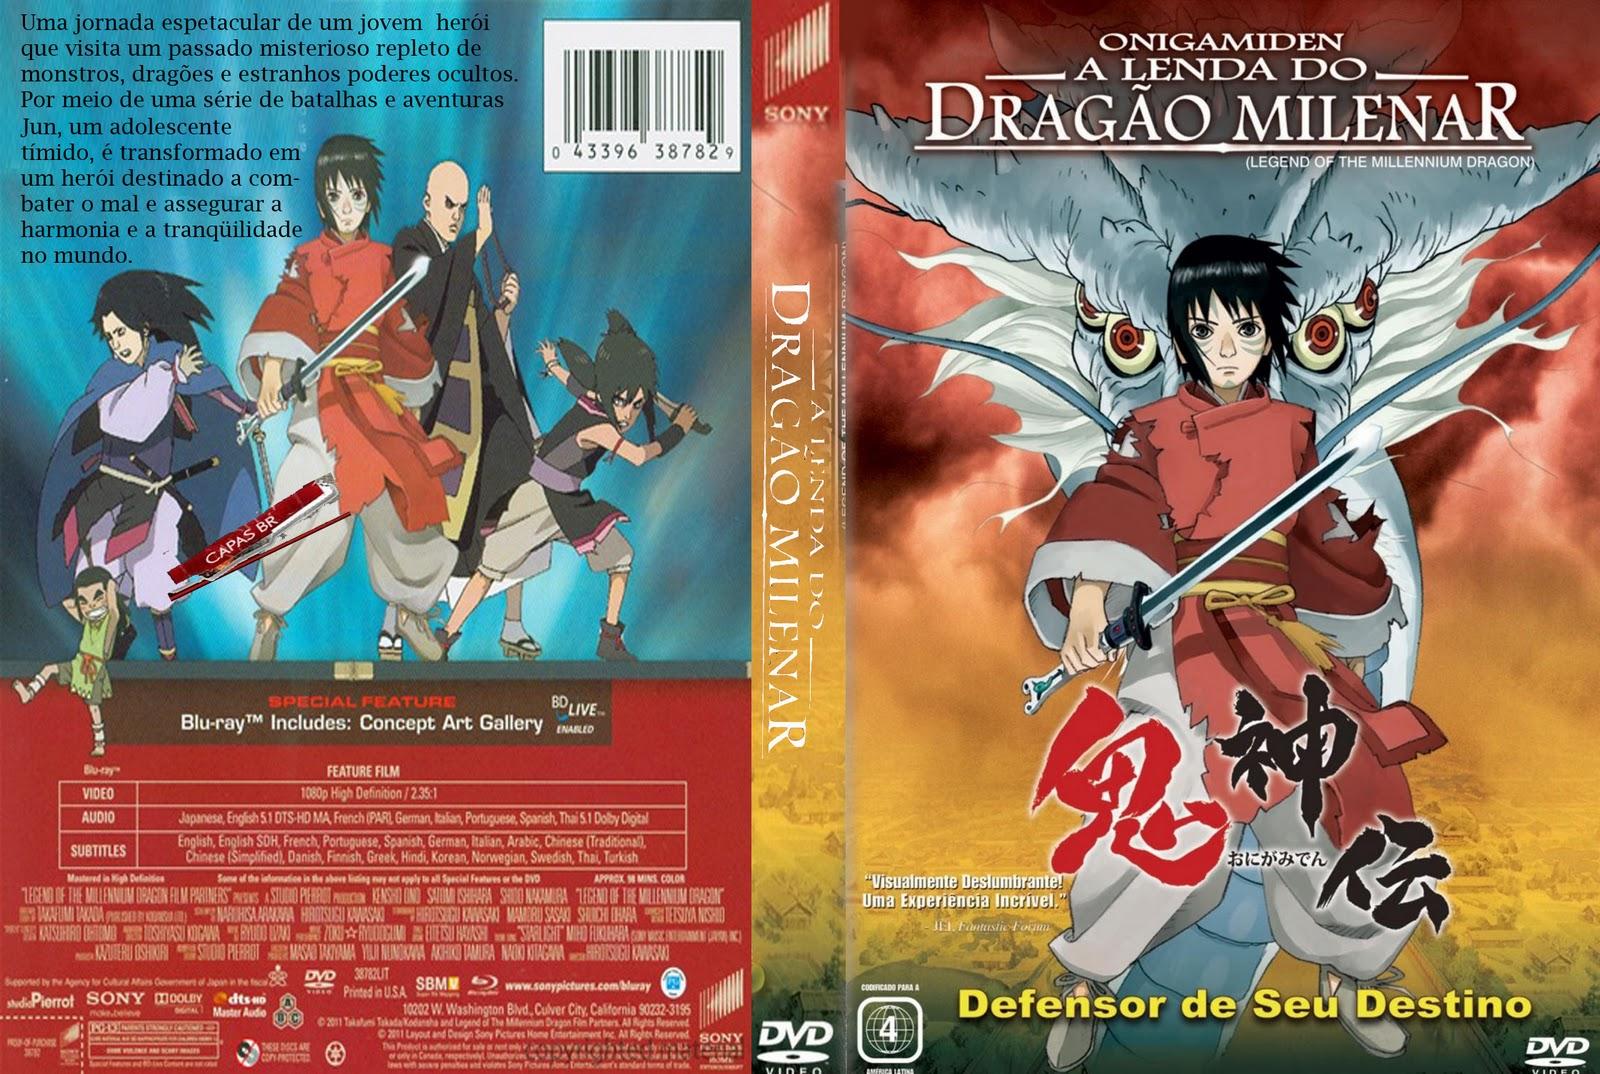 A Lenda do Dragão Milenar (Legend of the Millennium Dragon) 2011 A%2BLenda%2Bdo%2BDrag%25C3%25A3o%2BMilenar%2B%2B-%2Bcapasbr